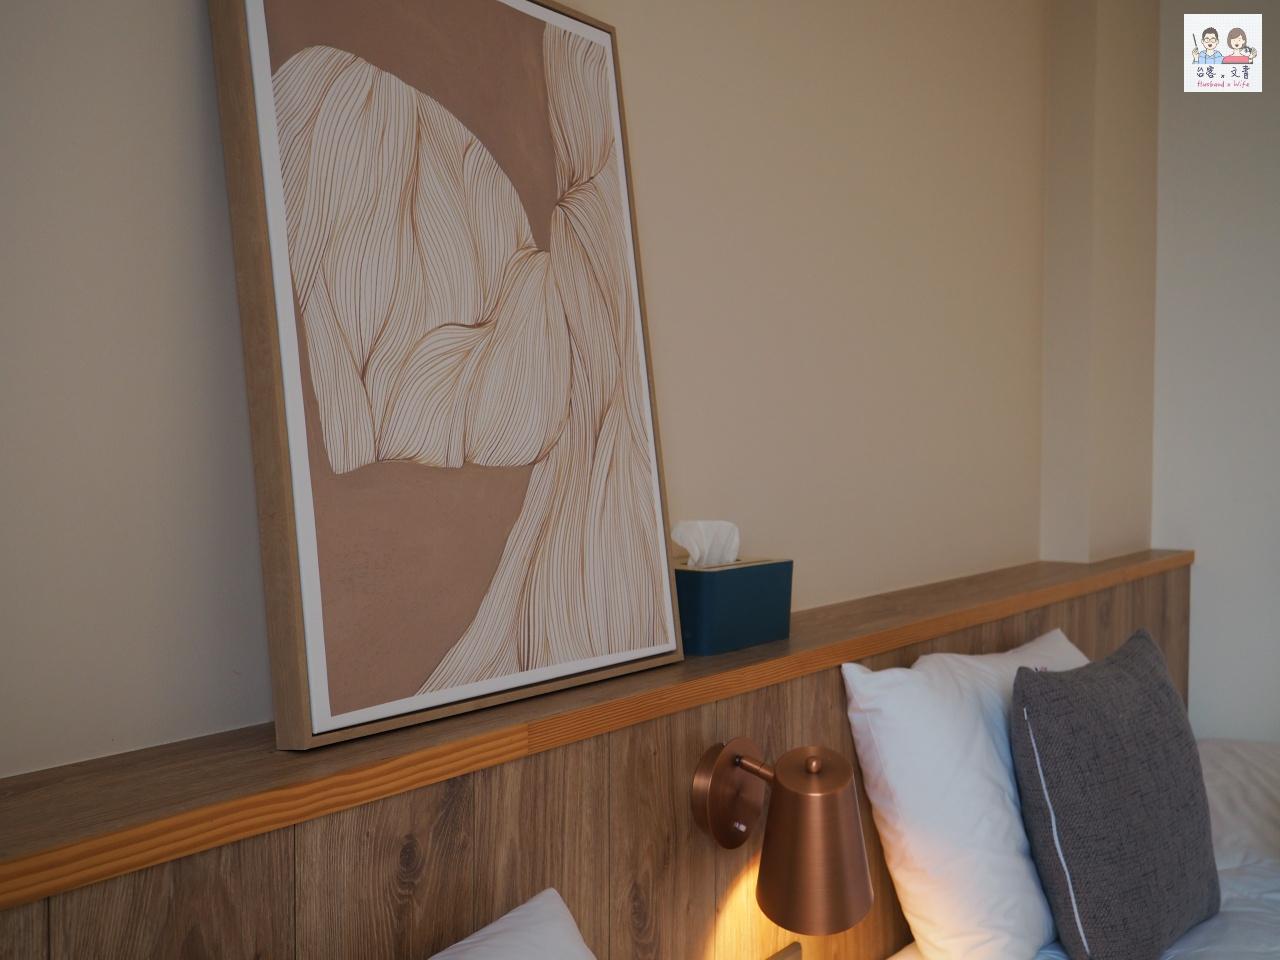 【宜蘭⋈住宿】具生活感的「植村小事」 簡約又舒適的空間超適合多人包棟! @台客X文青的夫婦日常